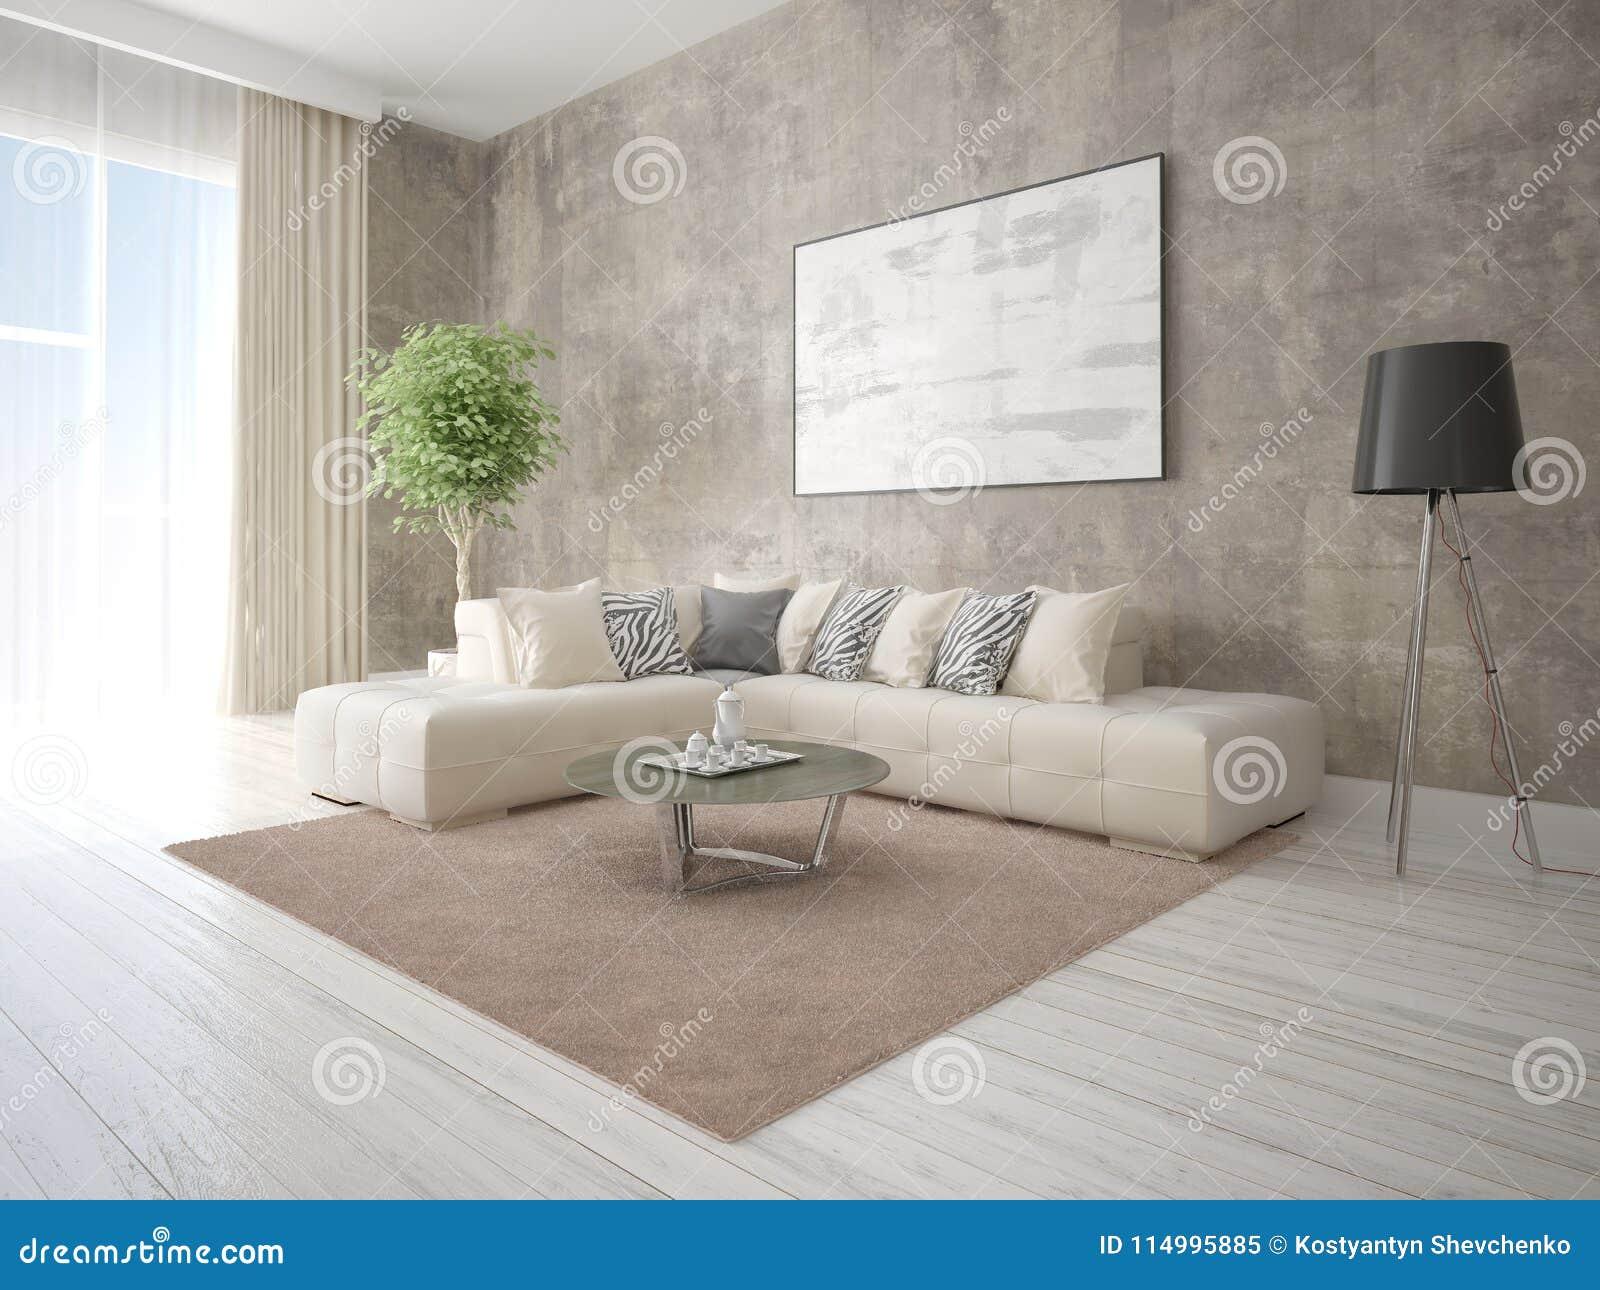 https://thumbs.dreamstime.com/z/spot-omhoog-een-modieuze-woonkamer-met-comfortabele-hoekbank-114995885.jpg